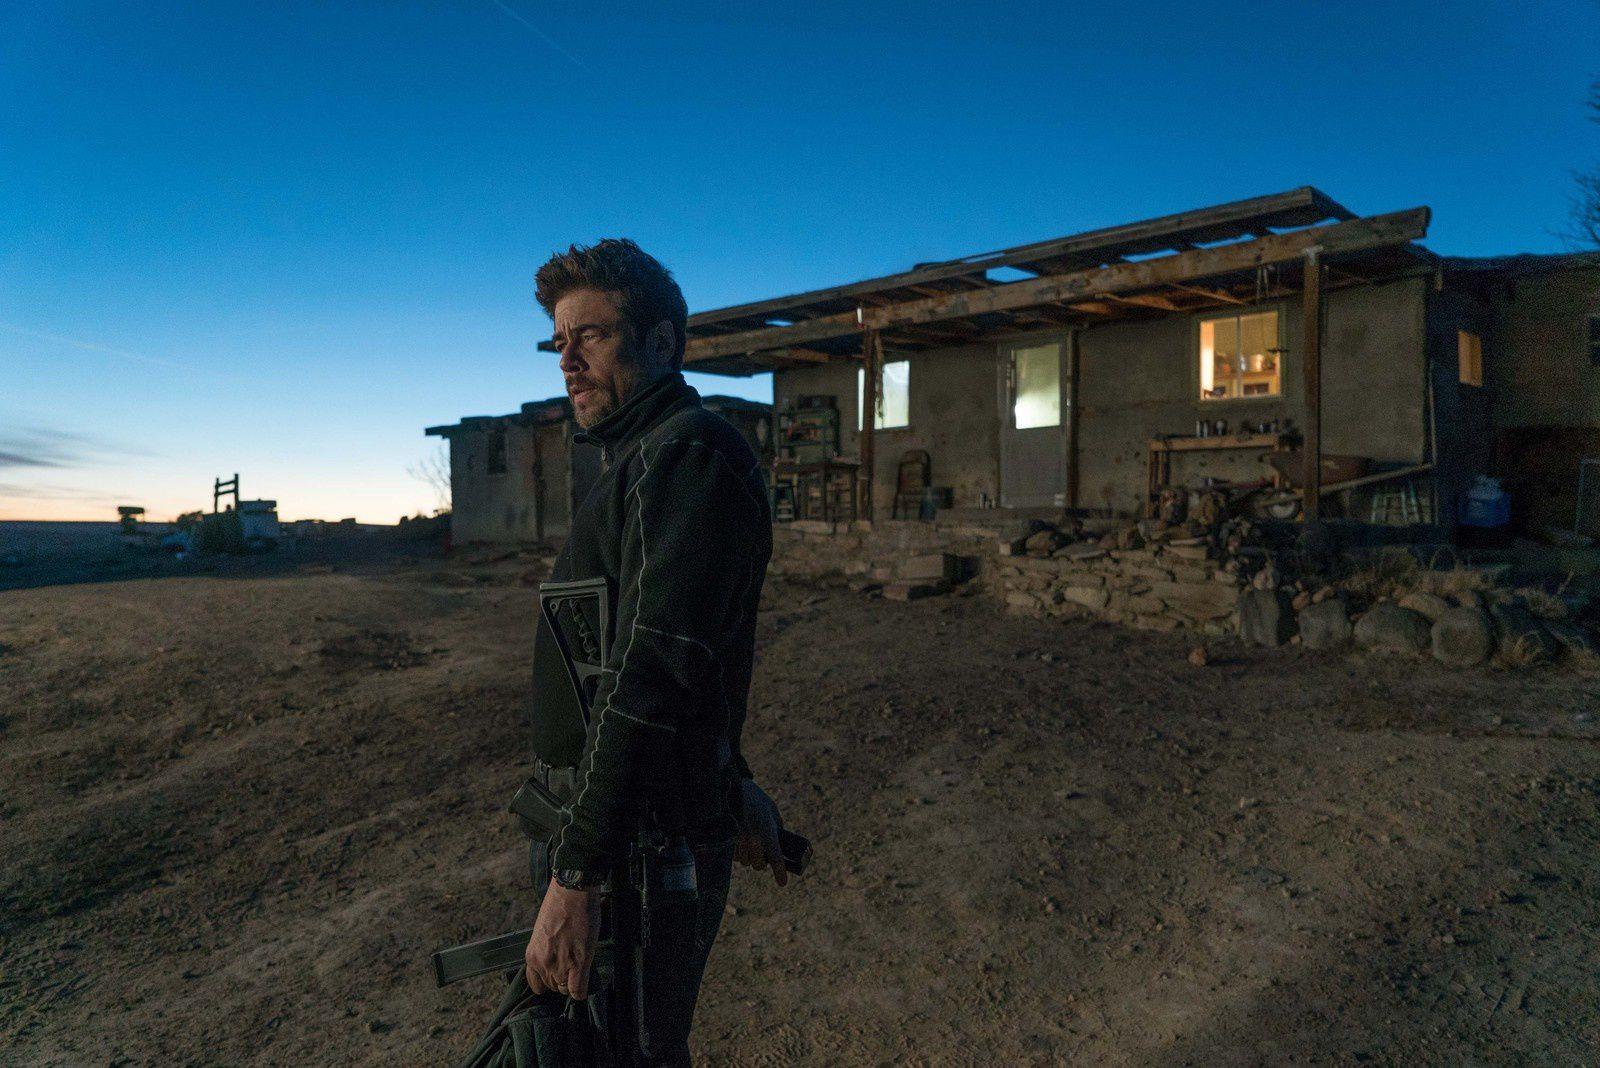 SICARIO : LA GUERRE DES CARTELS avec Benicio Del Toro et Josh Brolin - Découvrez la bande-annonce - Le 27 juin 2018 au cinéma.